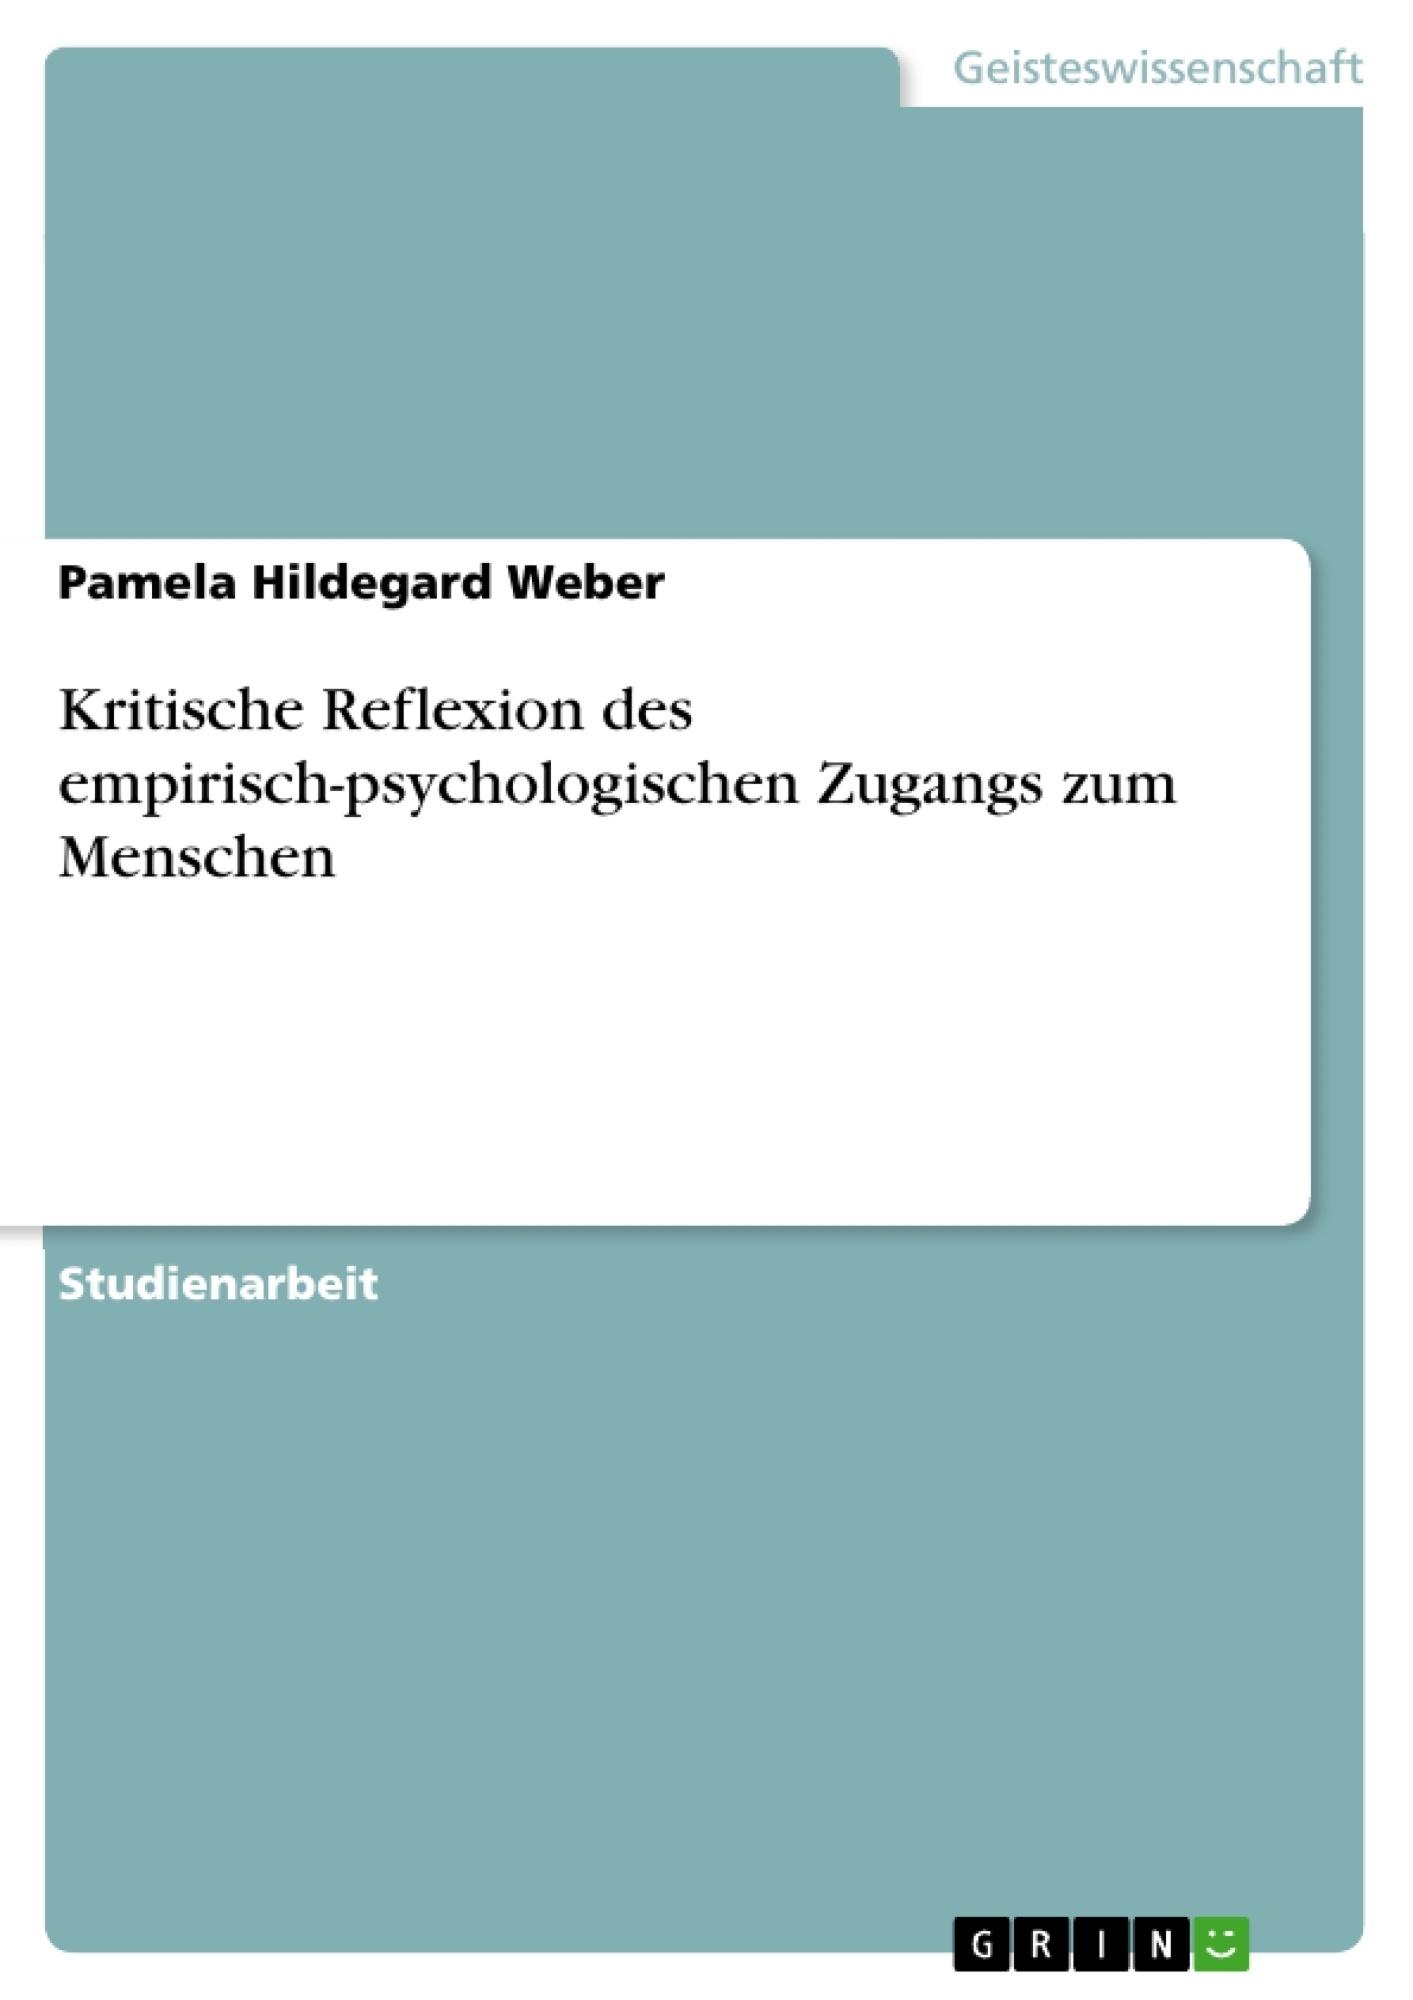 Titel: Kritische Reflexion des empirisch-psychologischen Zugangs zum Menschen